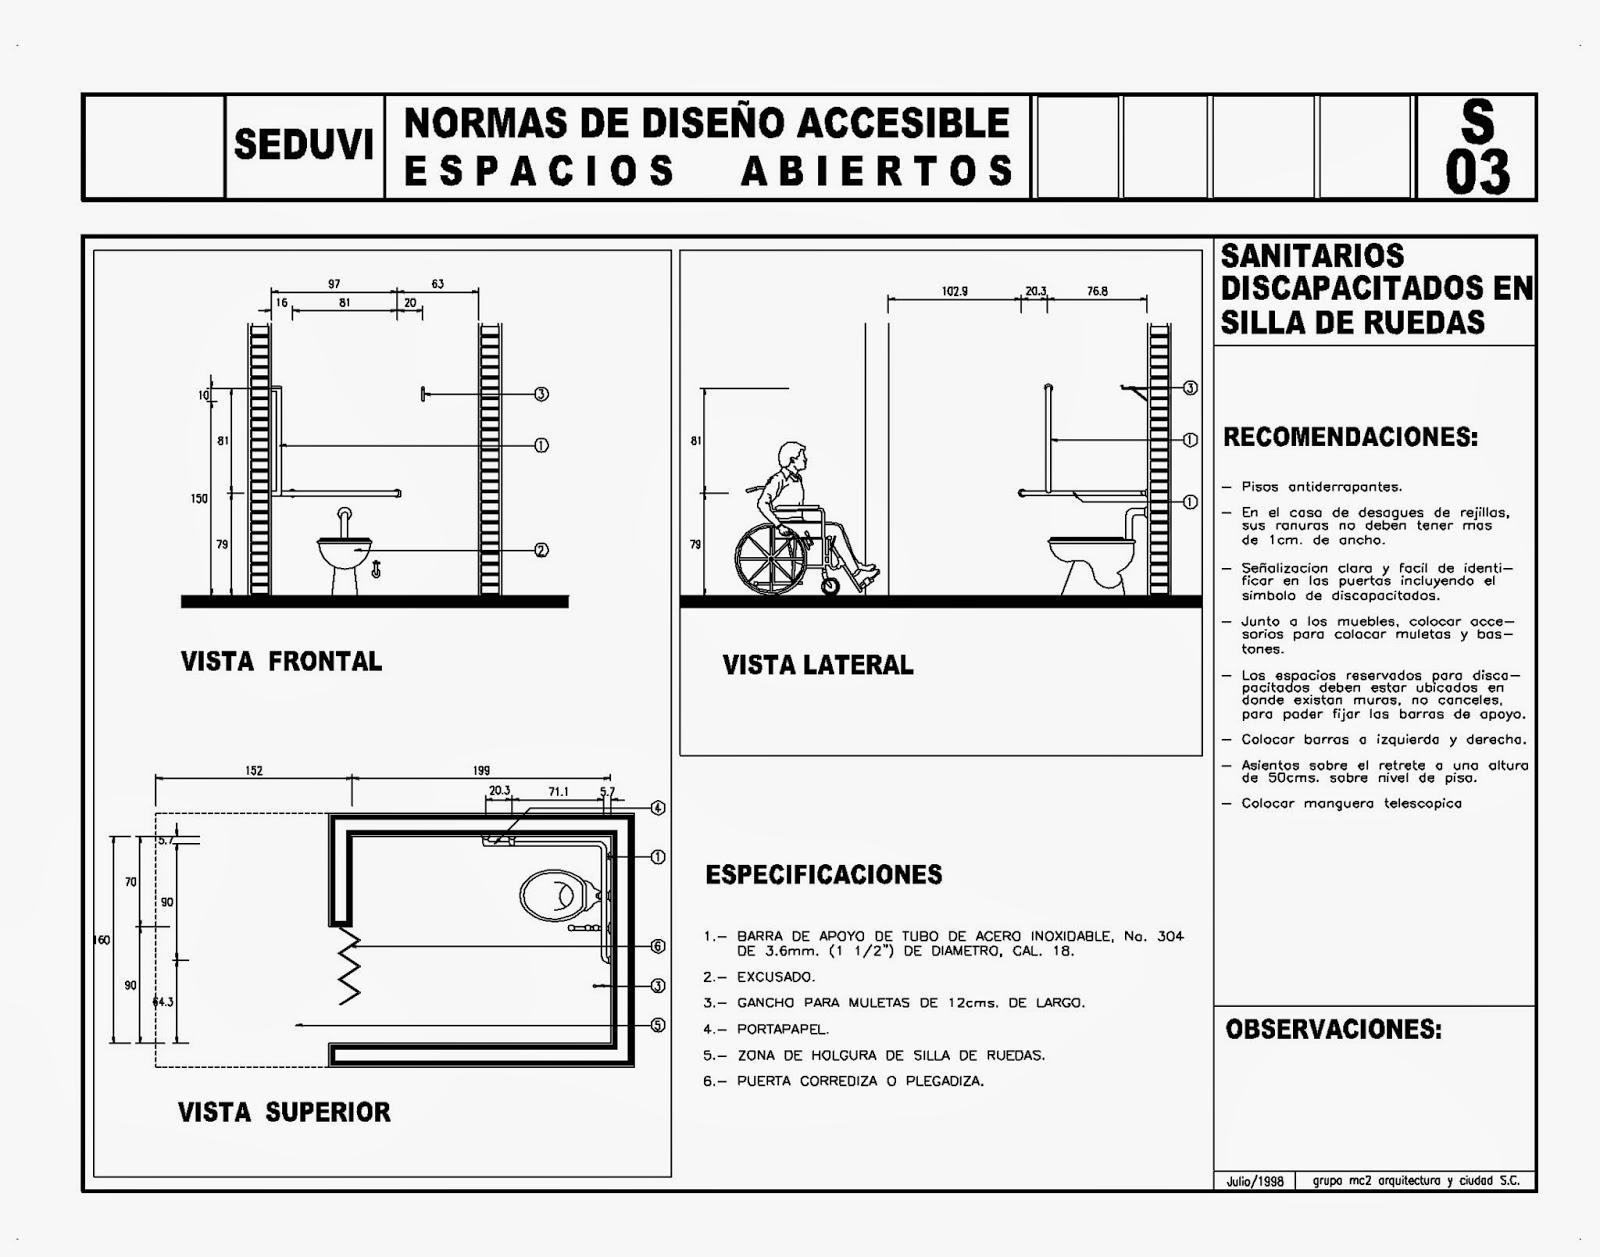 Diseno Baño Discapacitados:Todo para el Arqui: Normas diseño discapacitados (5) SEDUVI – Autocad